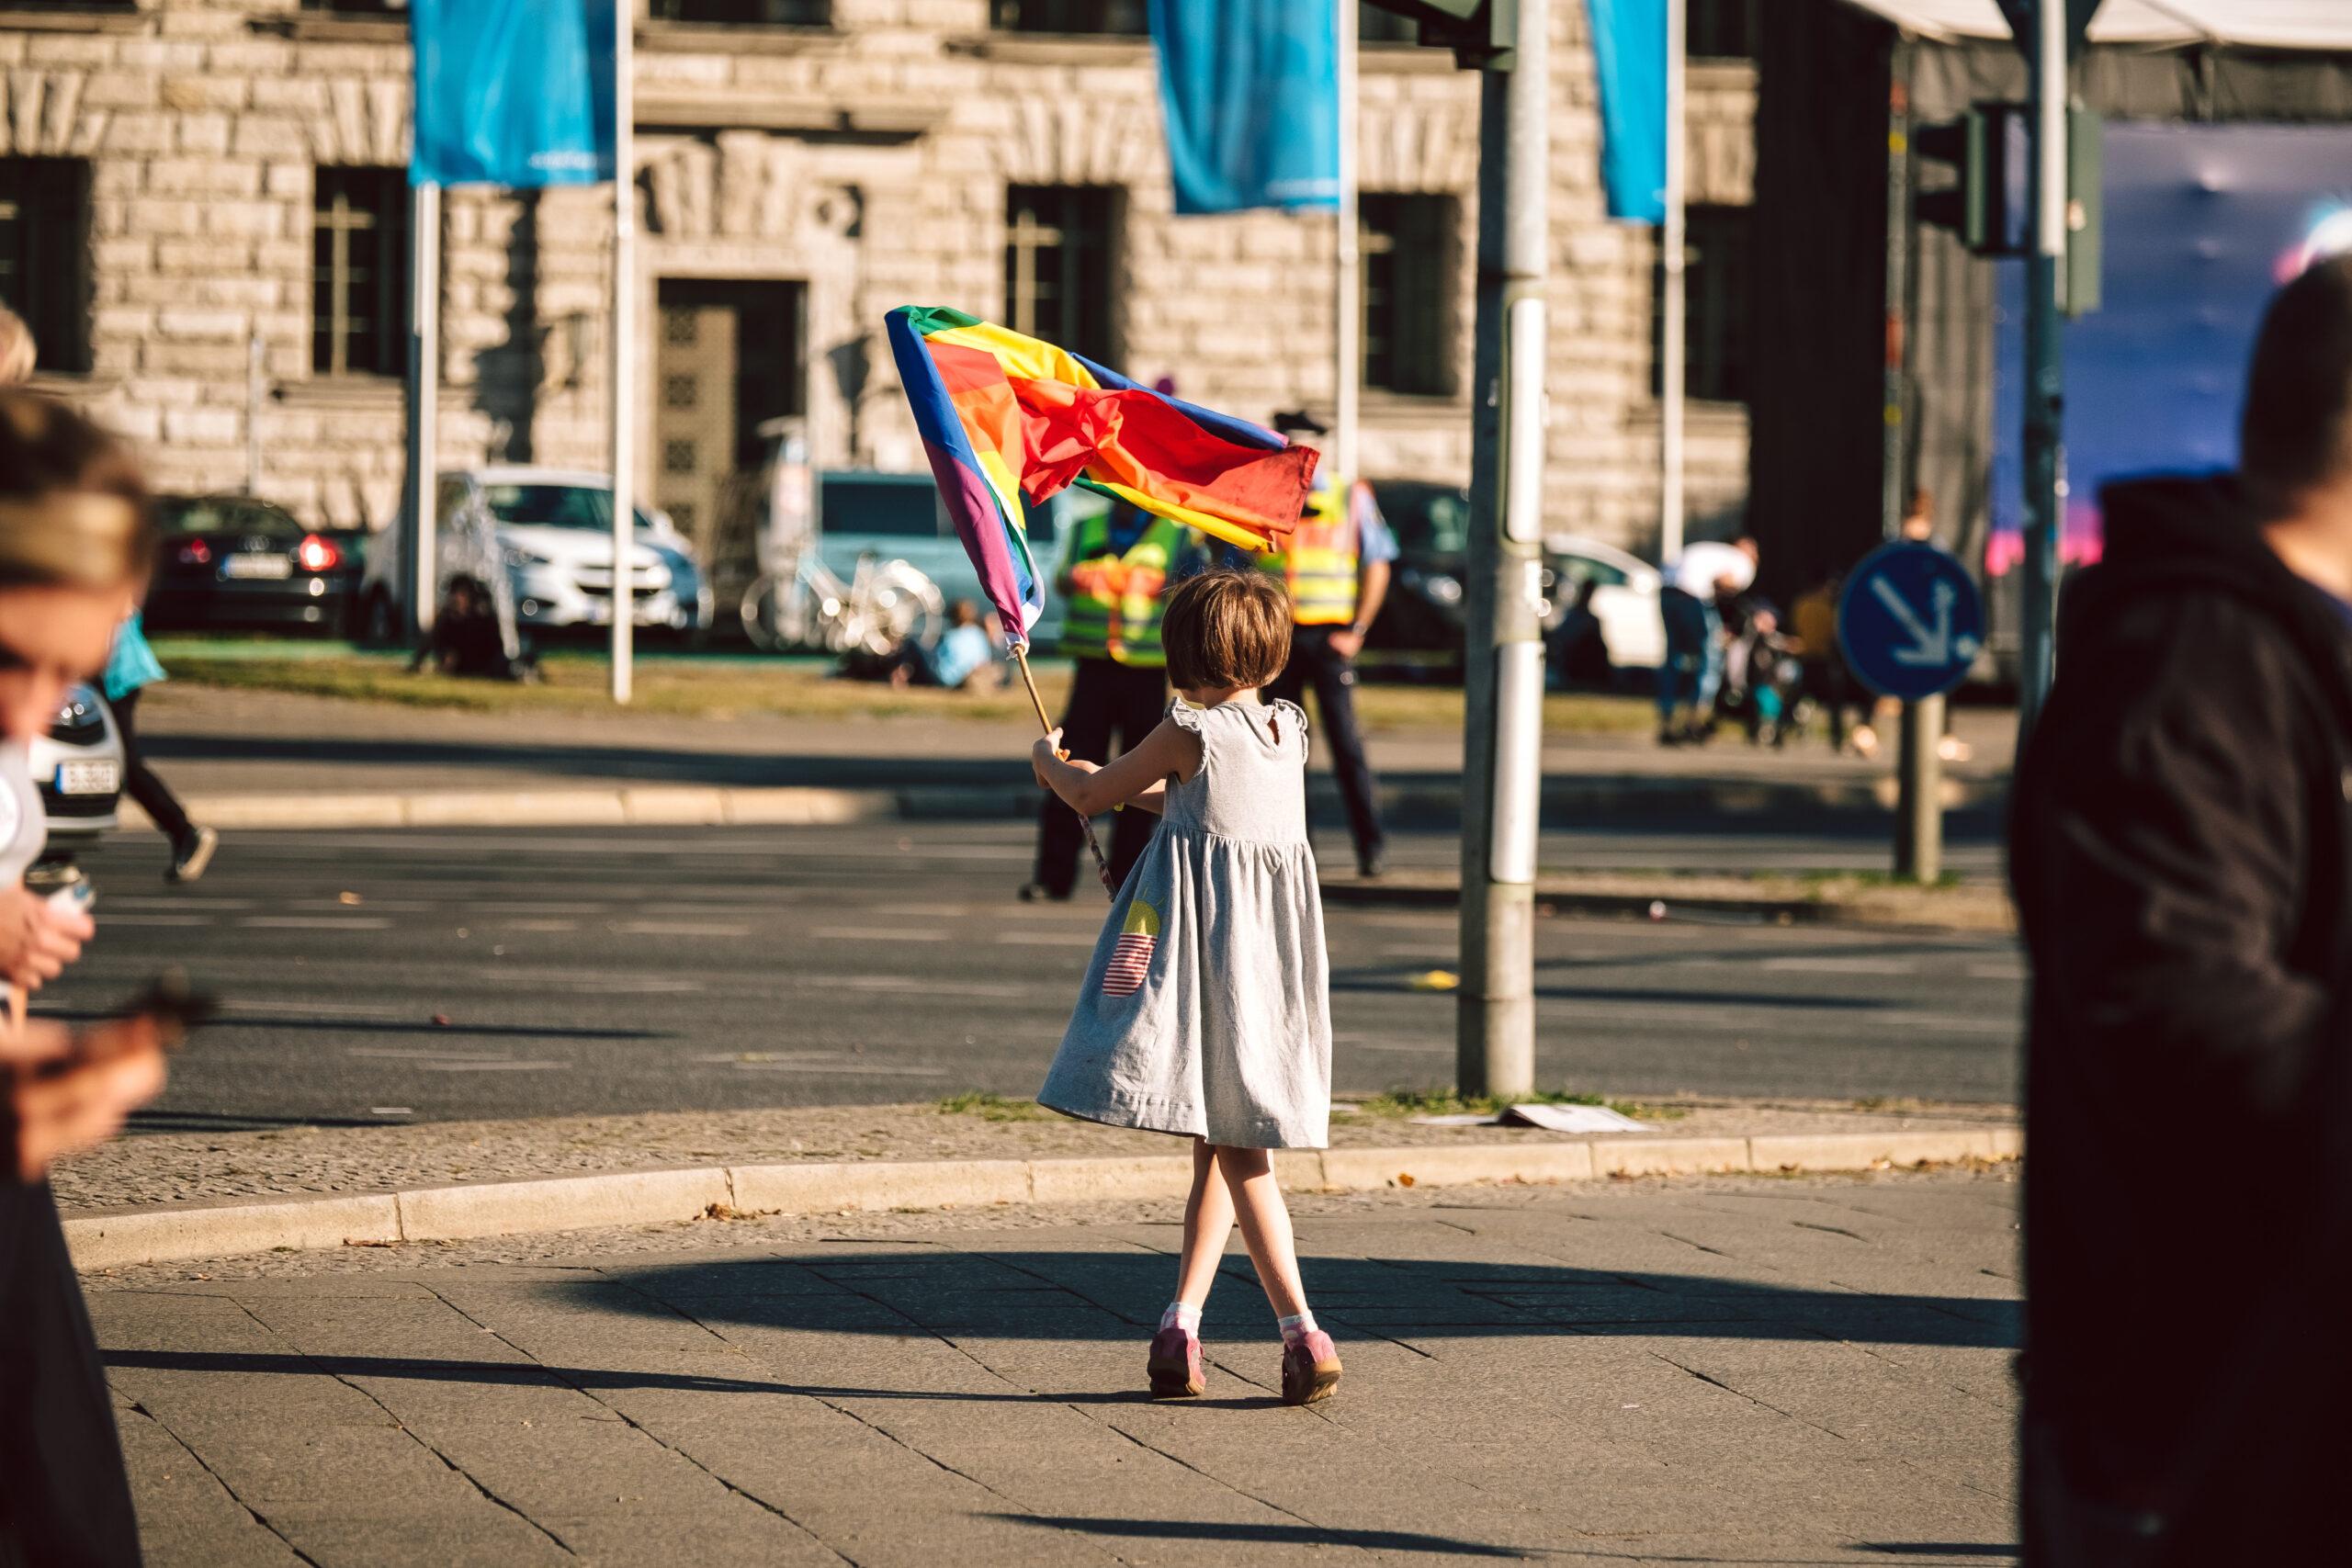 Ein junges Mädchen in einem weißen Sommerkleid ist von hinten zu sehen. Sie szeht auf der Straße und schwenkt eine bunte Fahne.